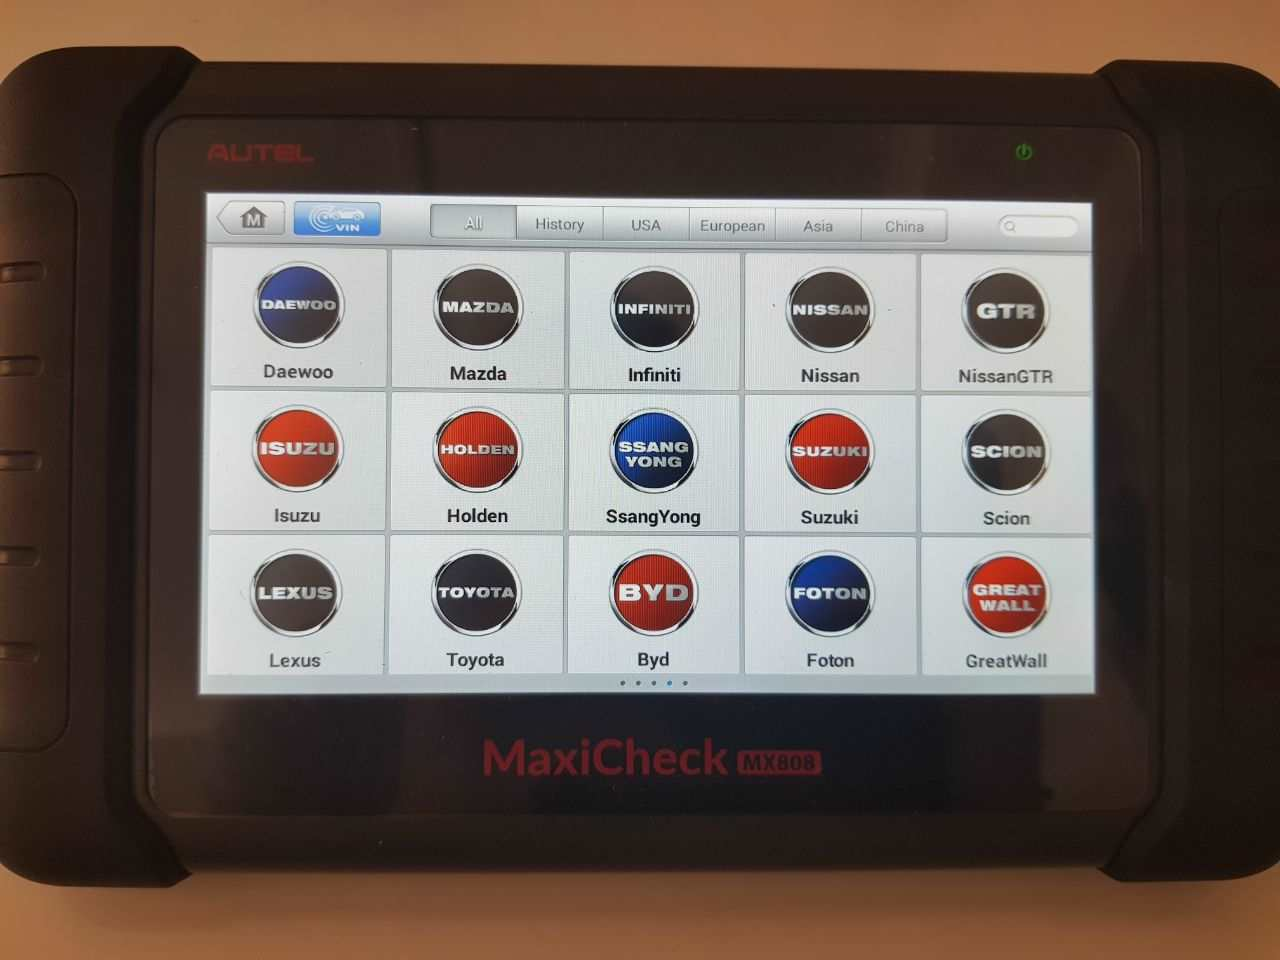 Autel MX808 diagnostics 4